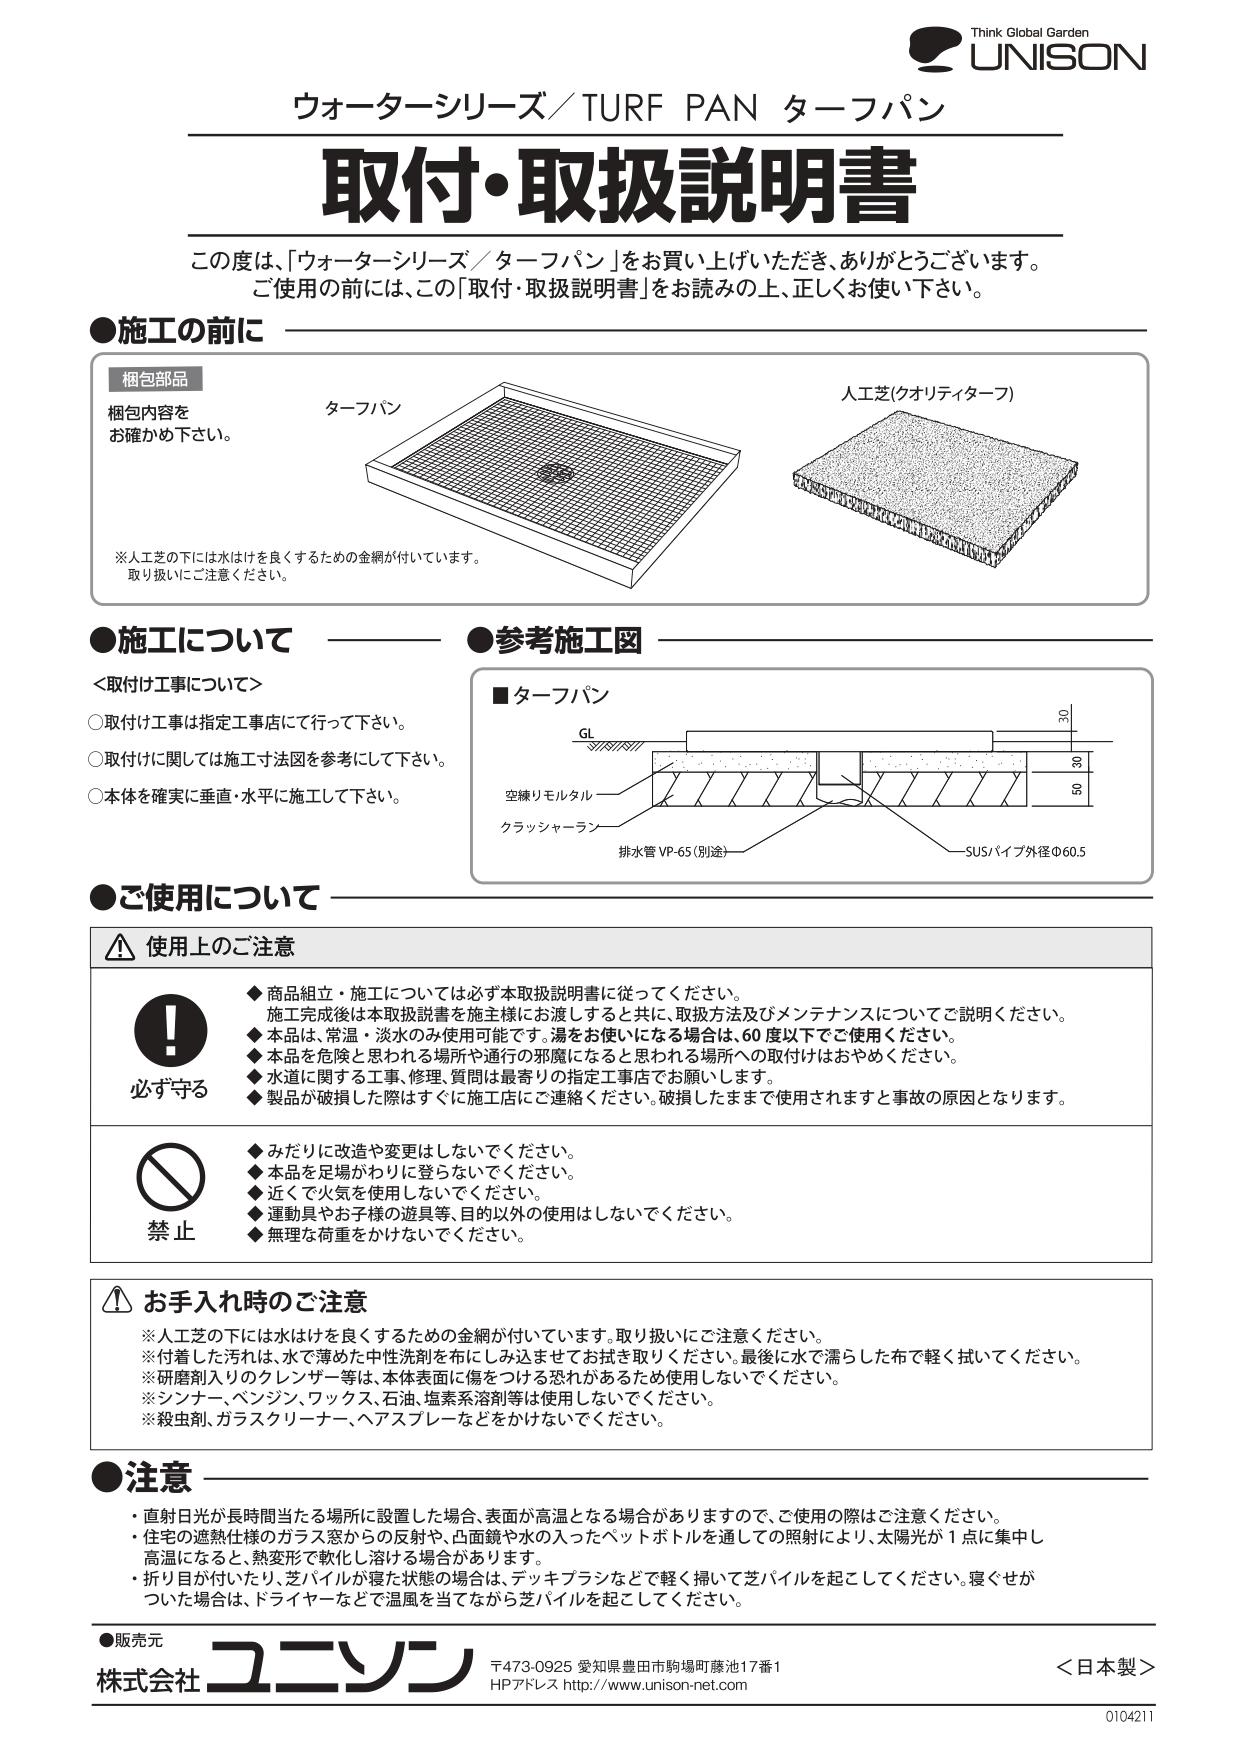 ターフパン_取扱説明書_page-0001